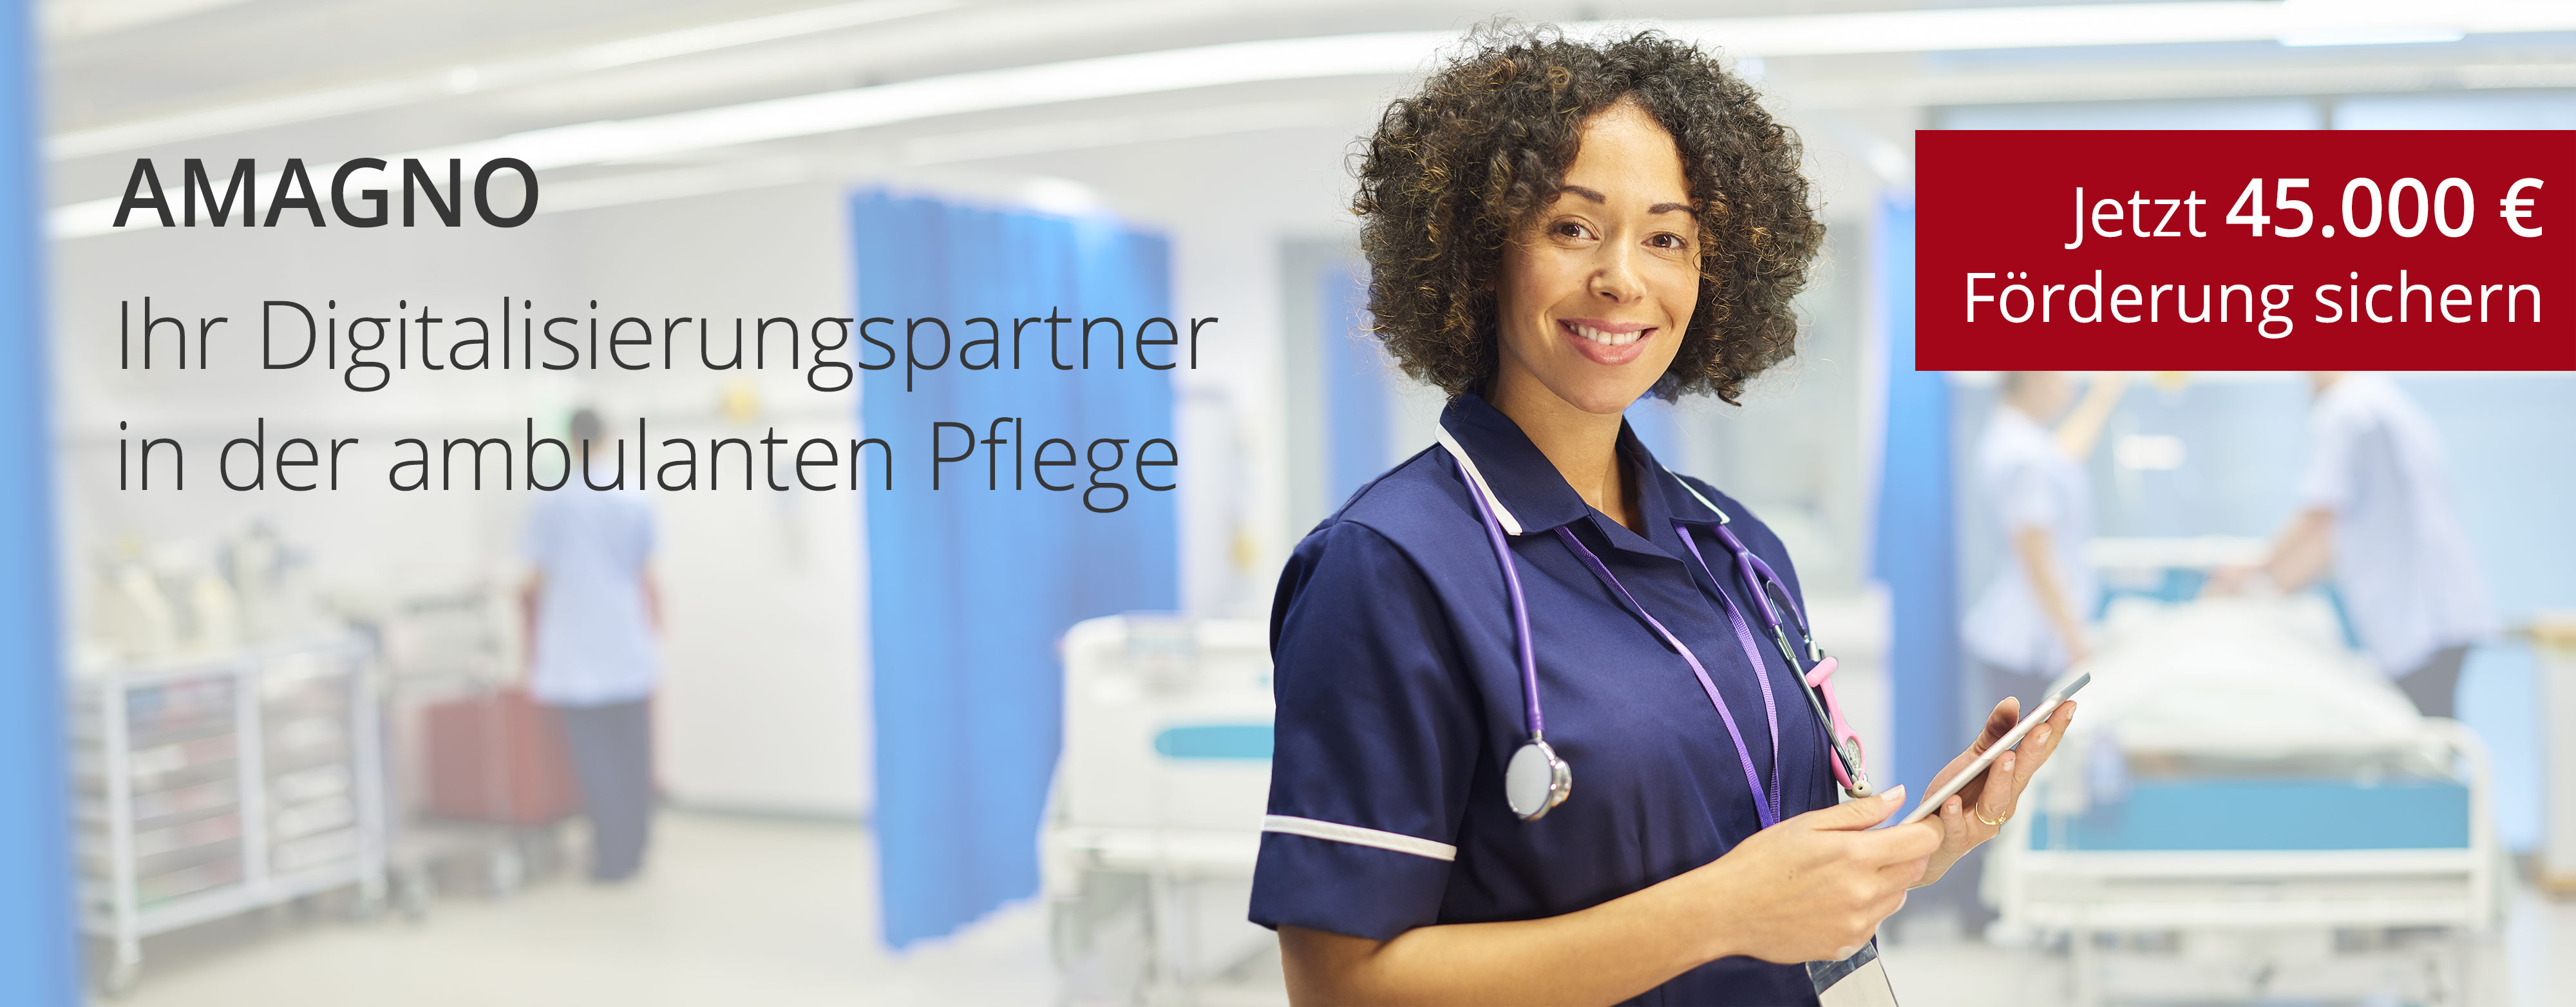 Digitalisierungspartner Pflegeförderung - Pflege Förderungen Niedersachsen